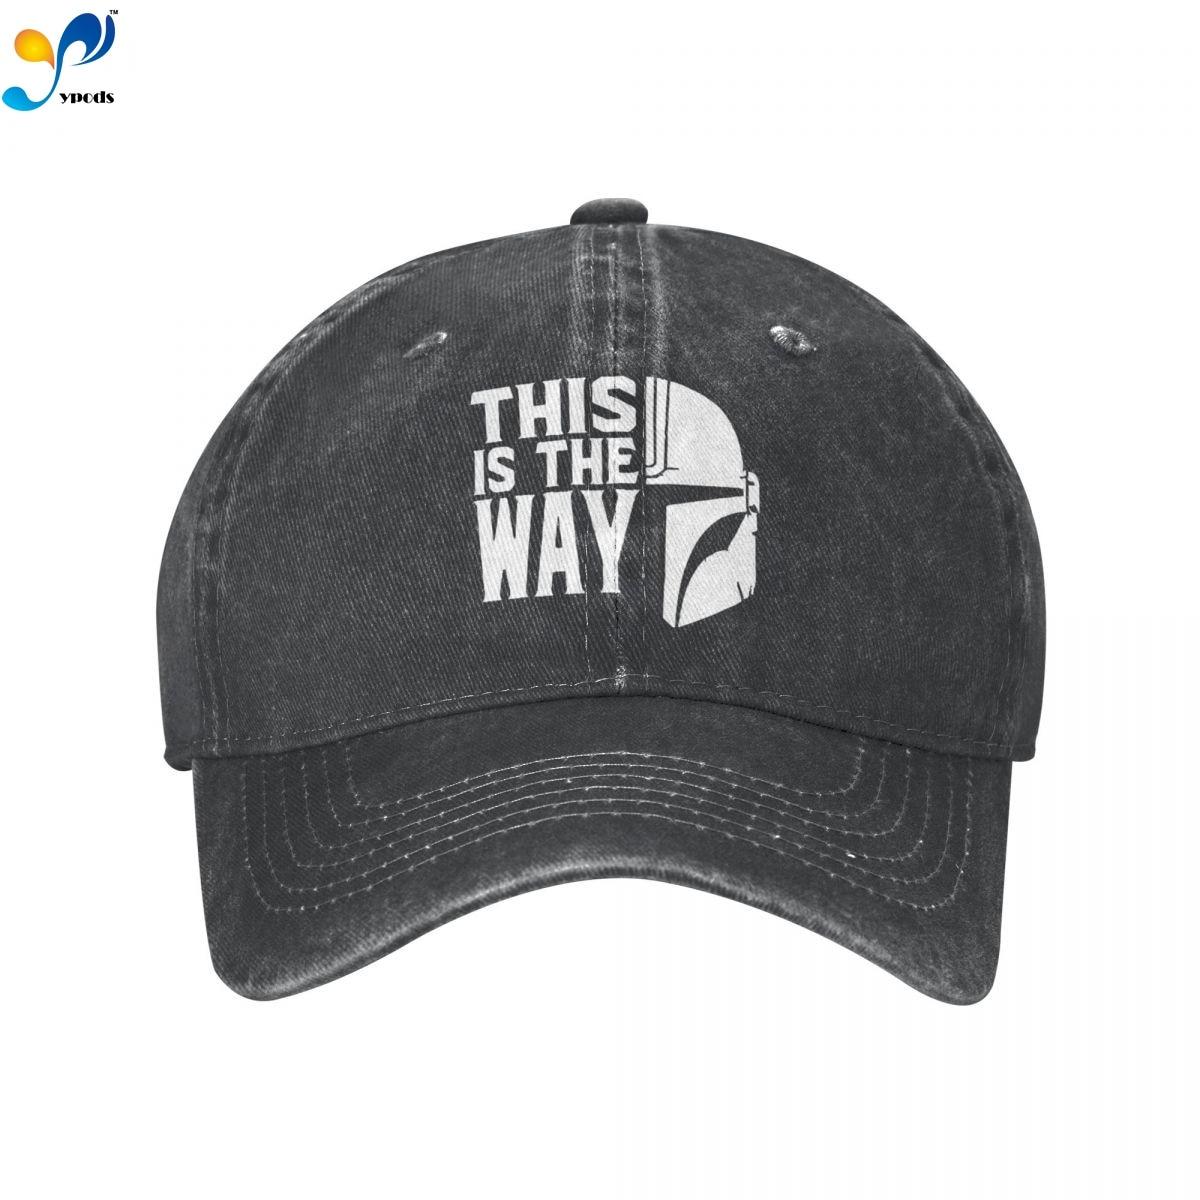 Это My Way джинсовая бейсболка, Снэпбэк кепки, шапки для мужчин и женщин, мужская Кепка, кепки, шапки